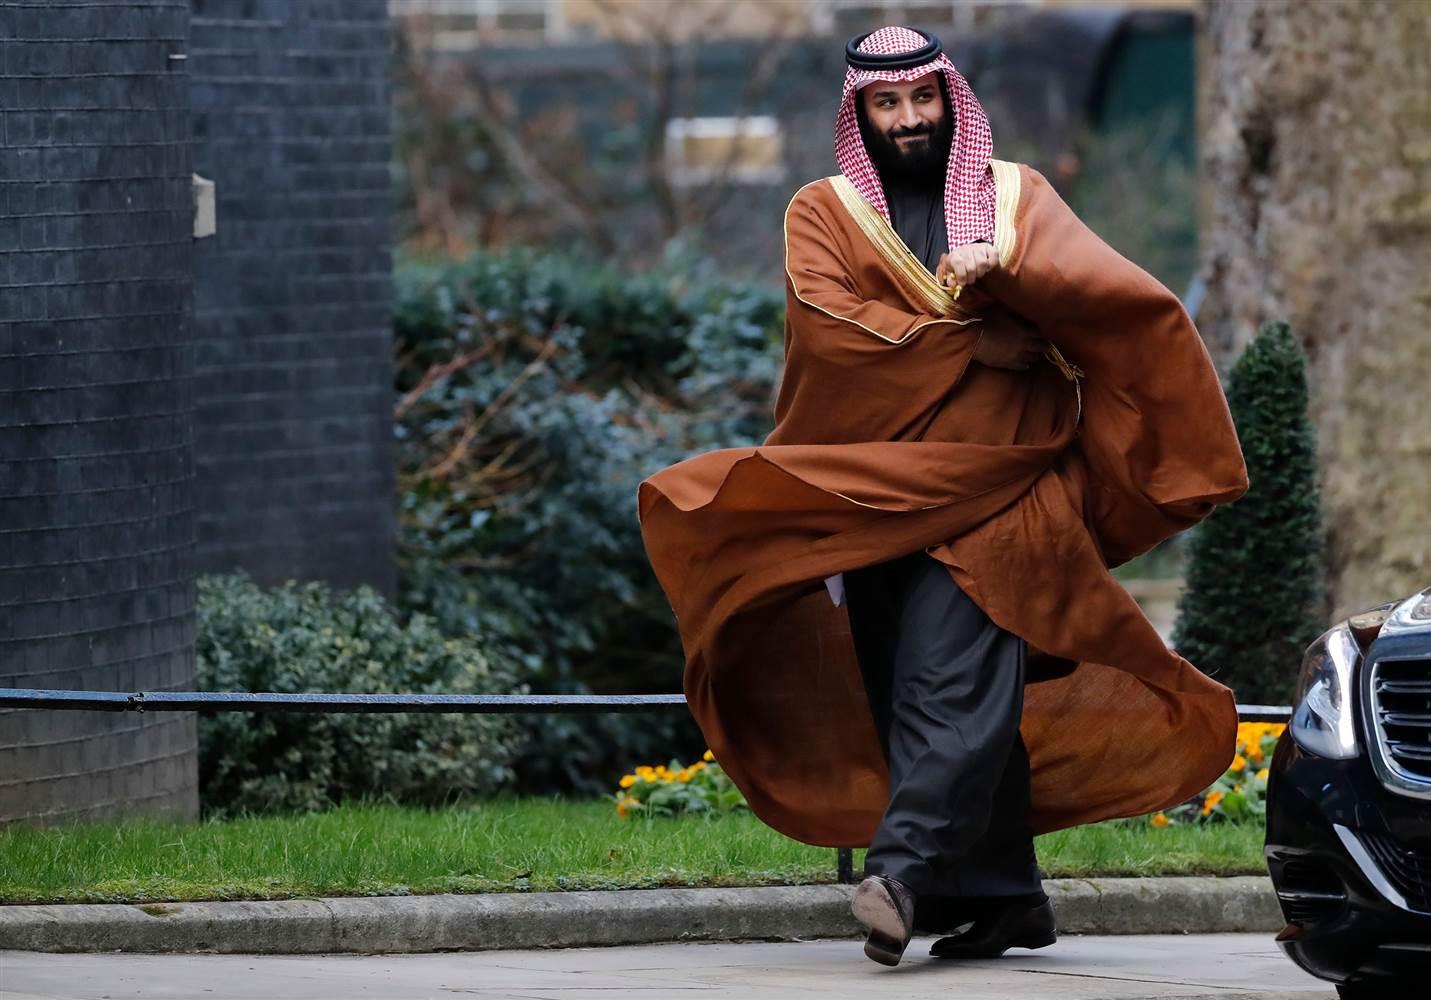 Наследный принц Саудовской Аравии Мухаммед бин Салман